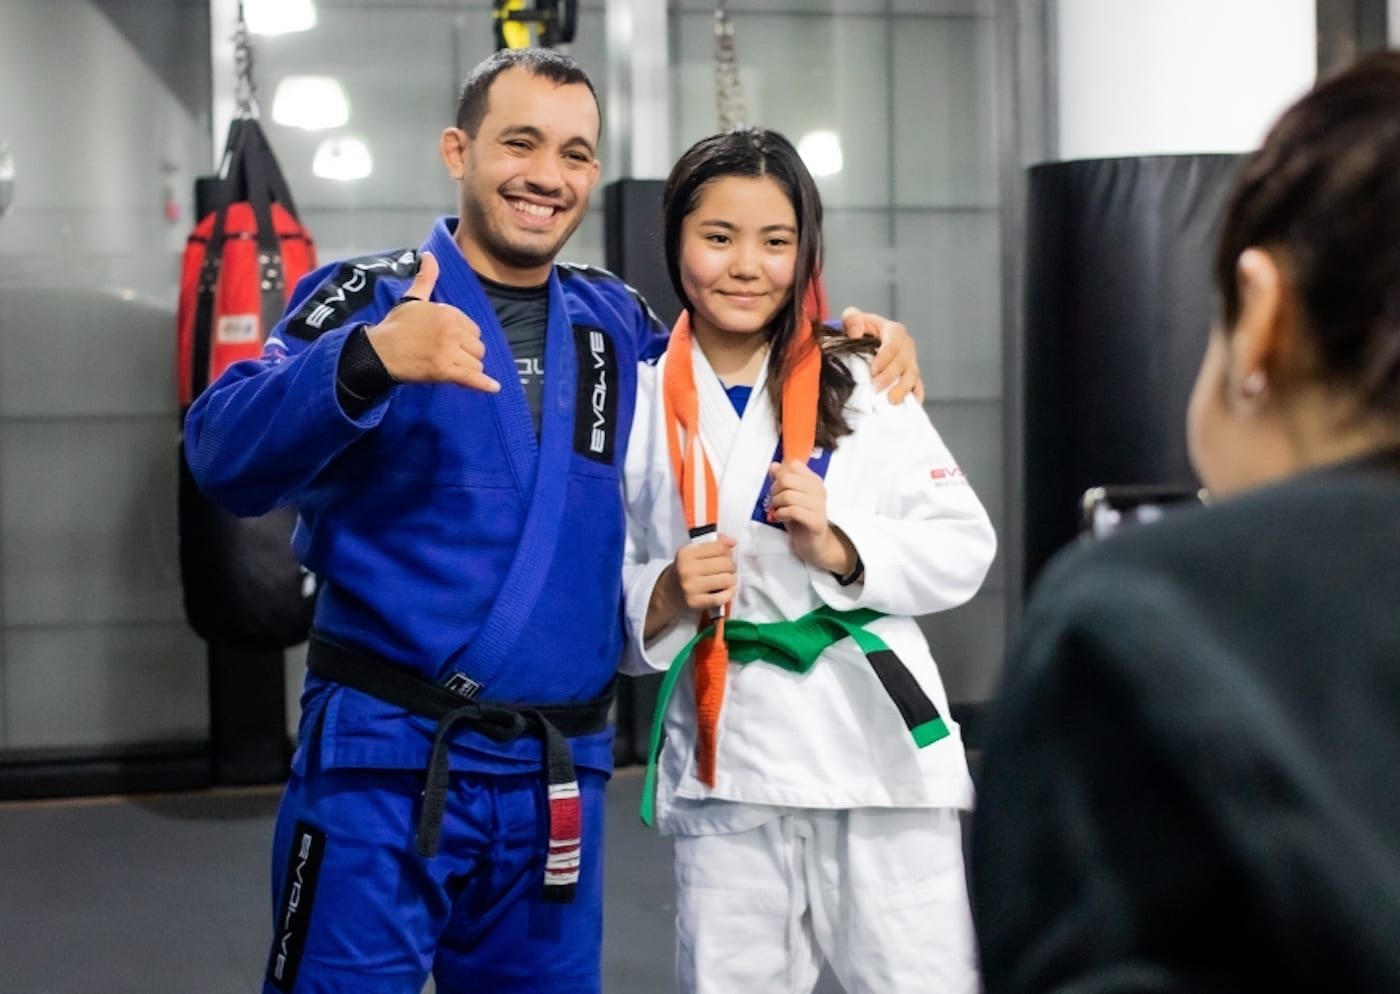 Get to know 14 year-old Brazilian Jiu-Jitsu World Champion Kamila Khalyksovet